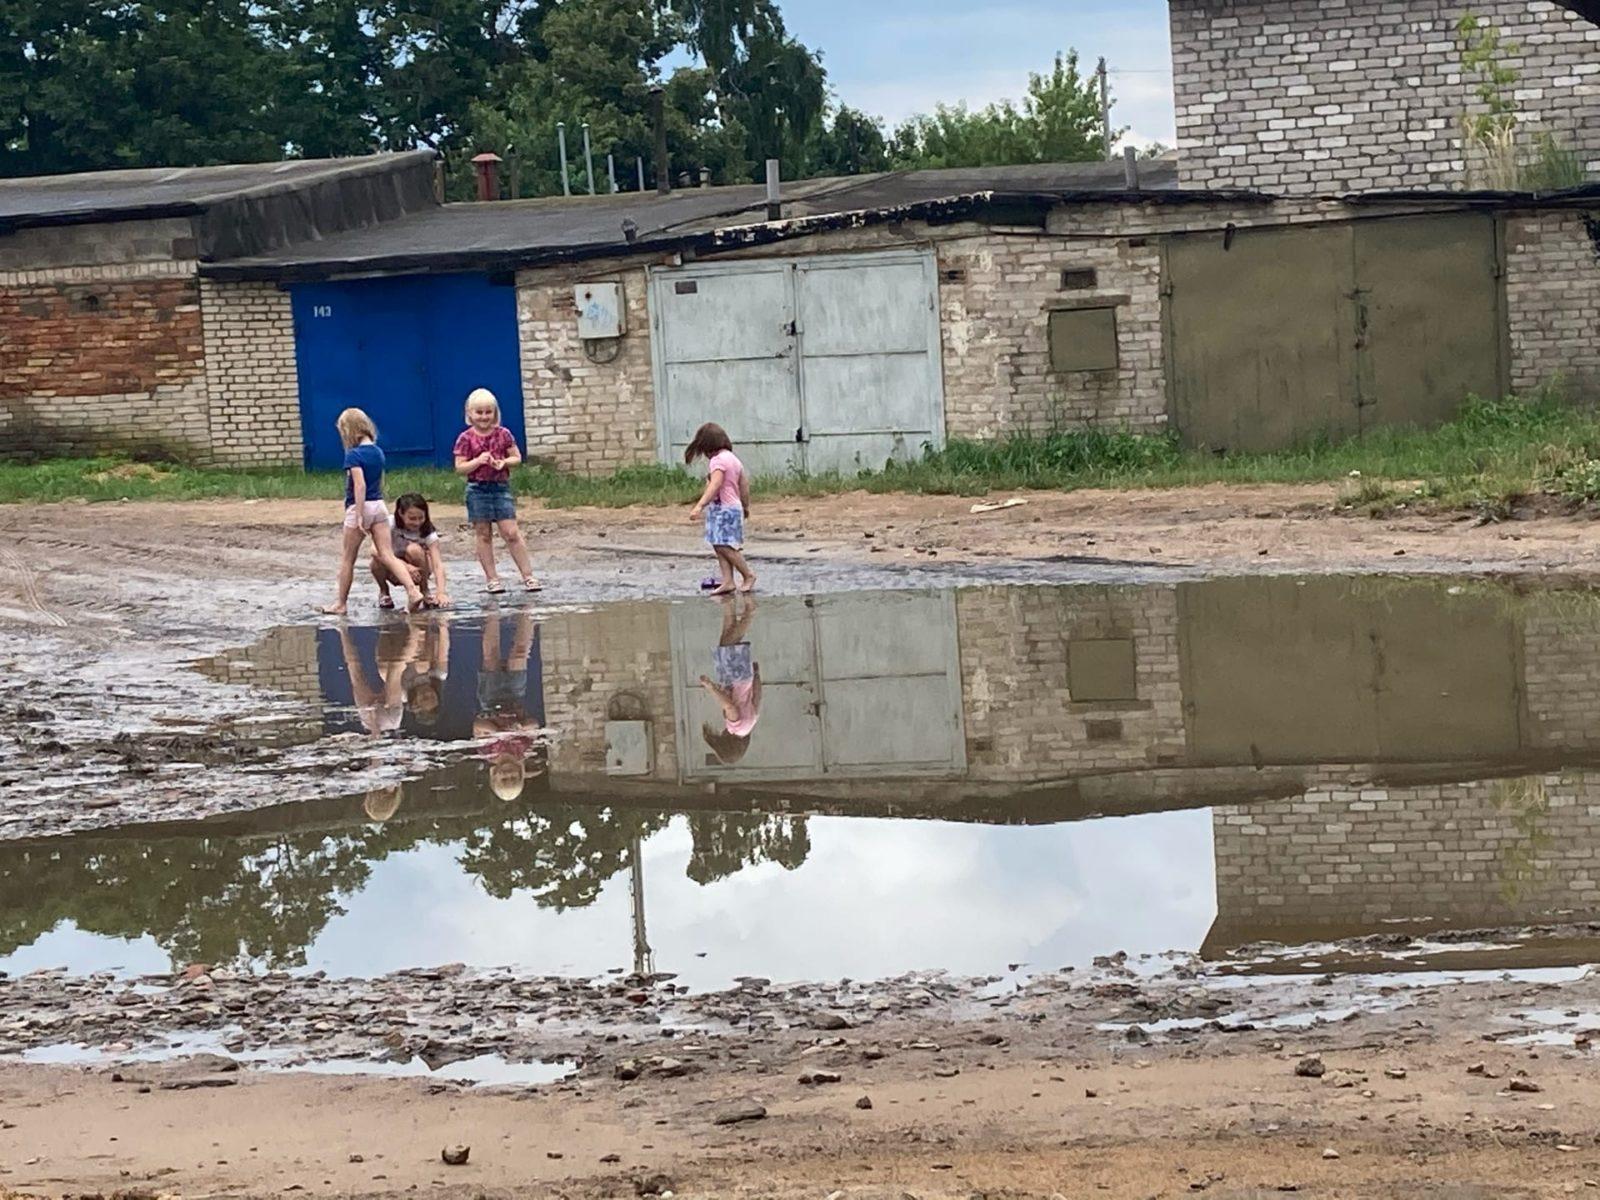 Светлана Голобурда говорит, что лужа настолько глубокая, что детям она по бедра. Фото: Ирина КОМИК